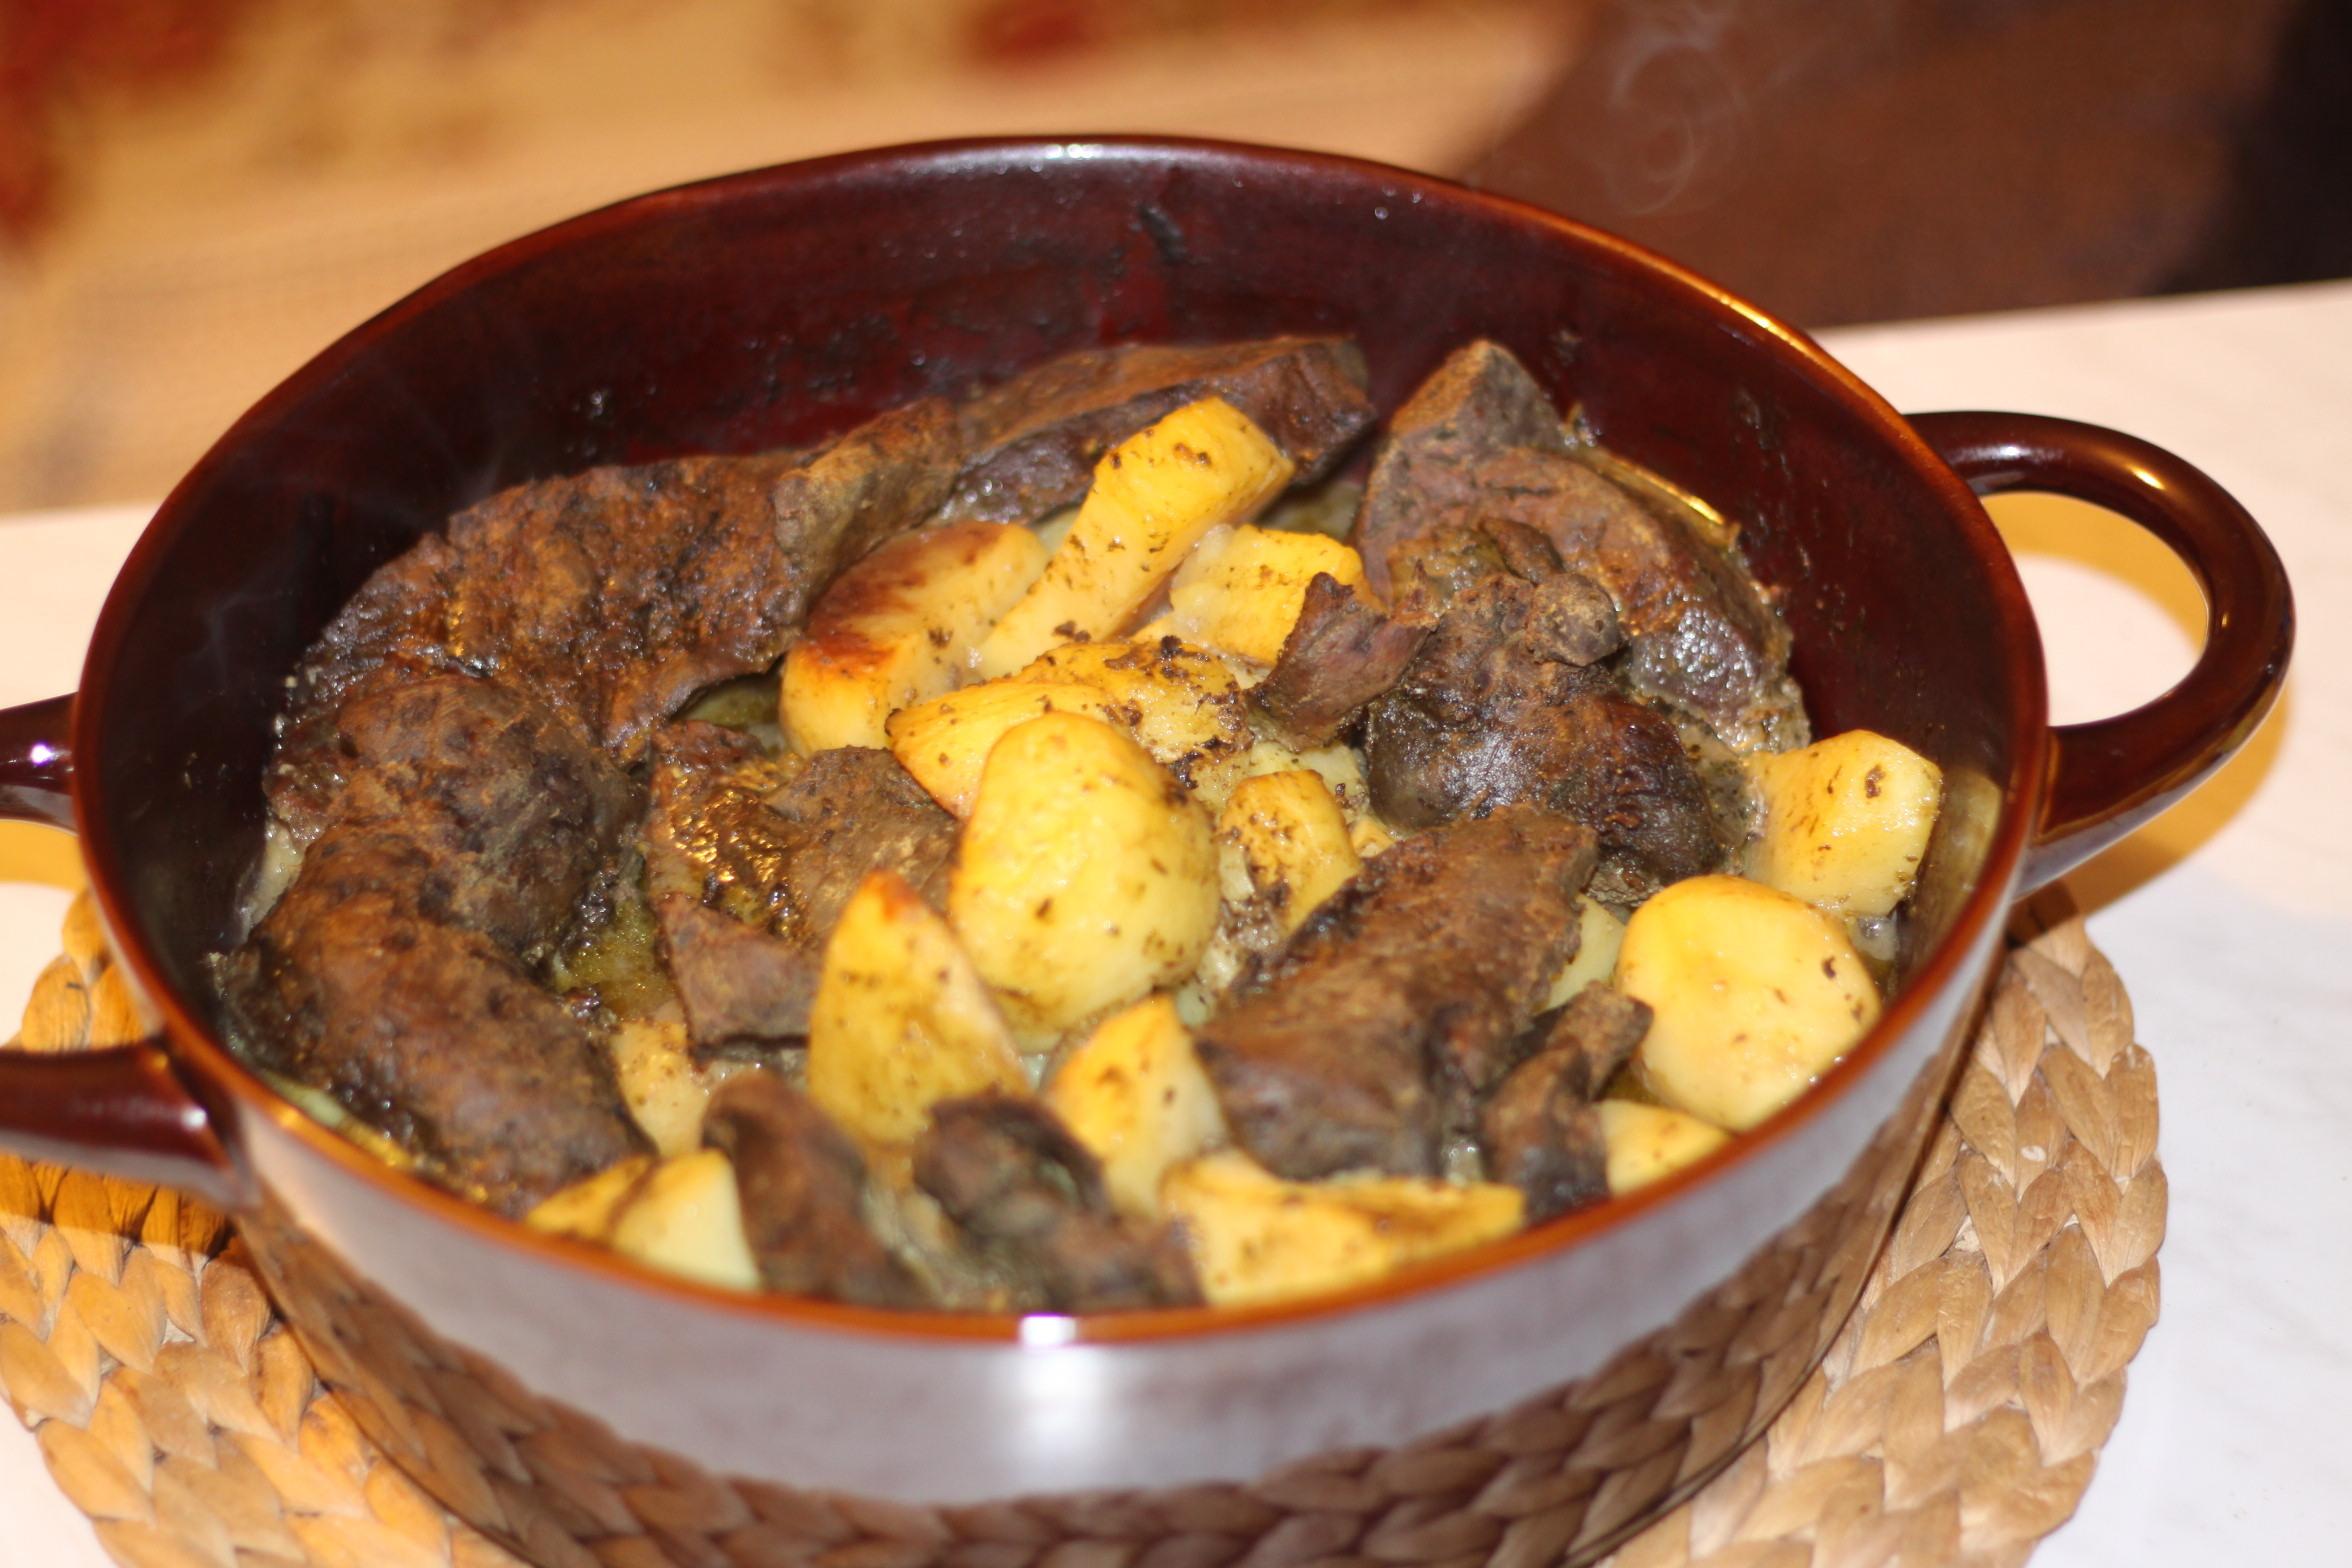 Recette : Foie de veau aux pommes de terre et aux châtaignes